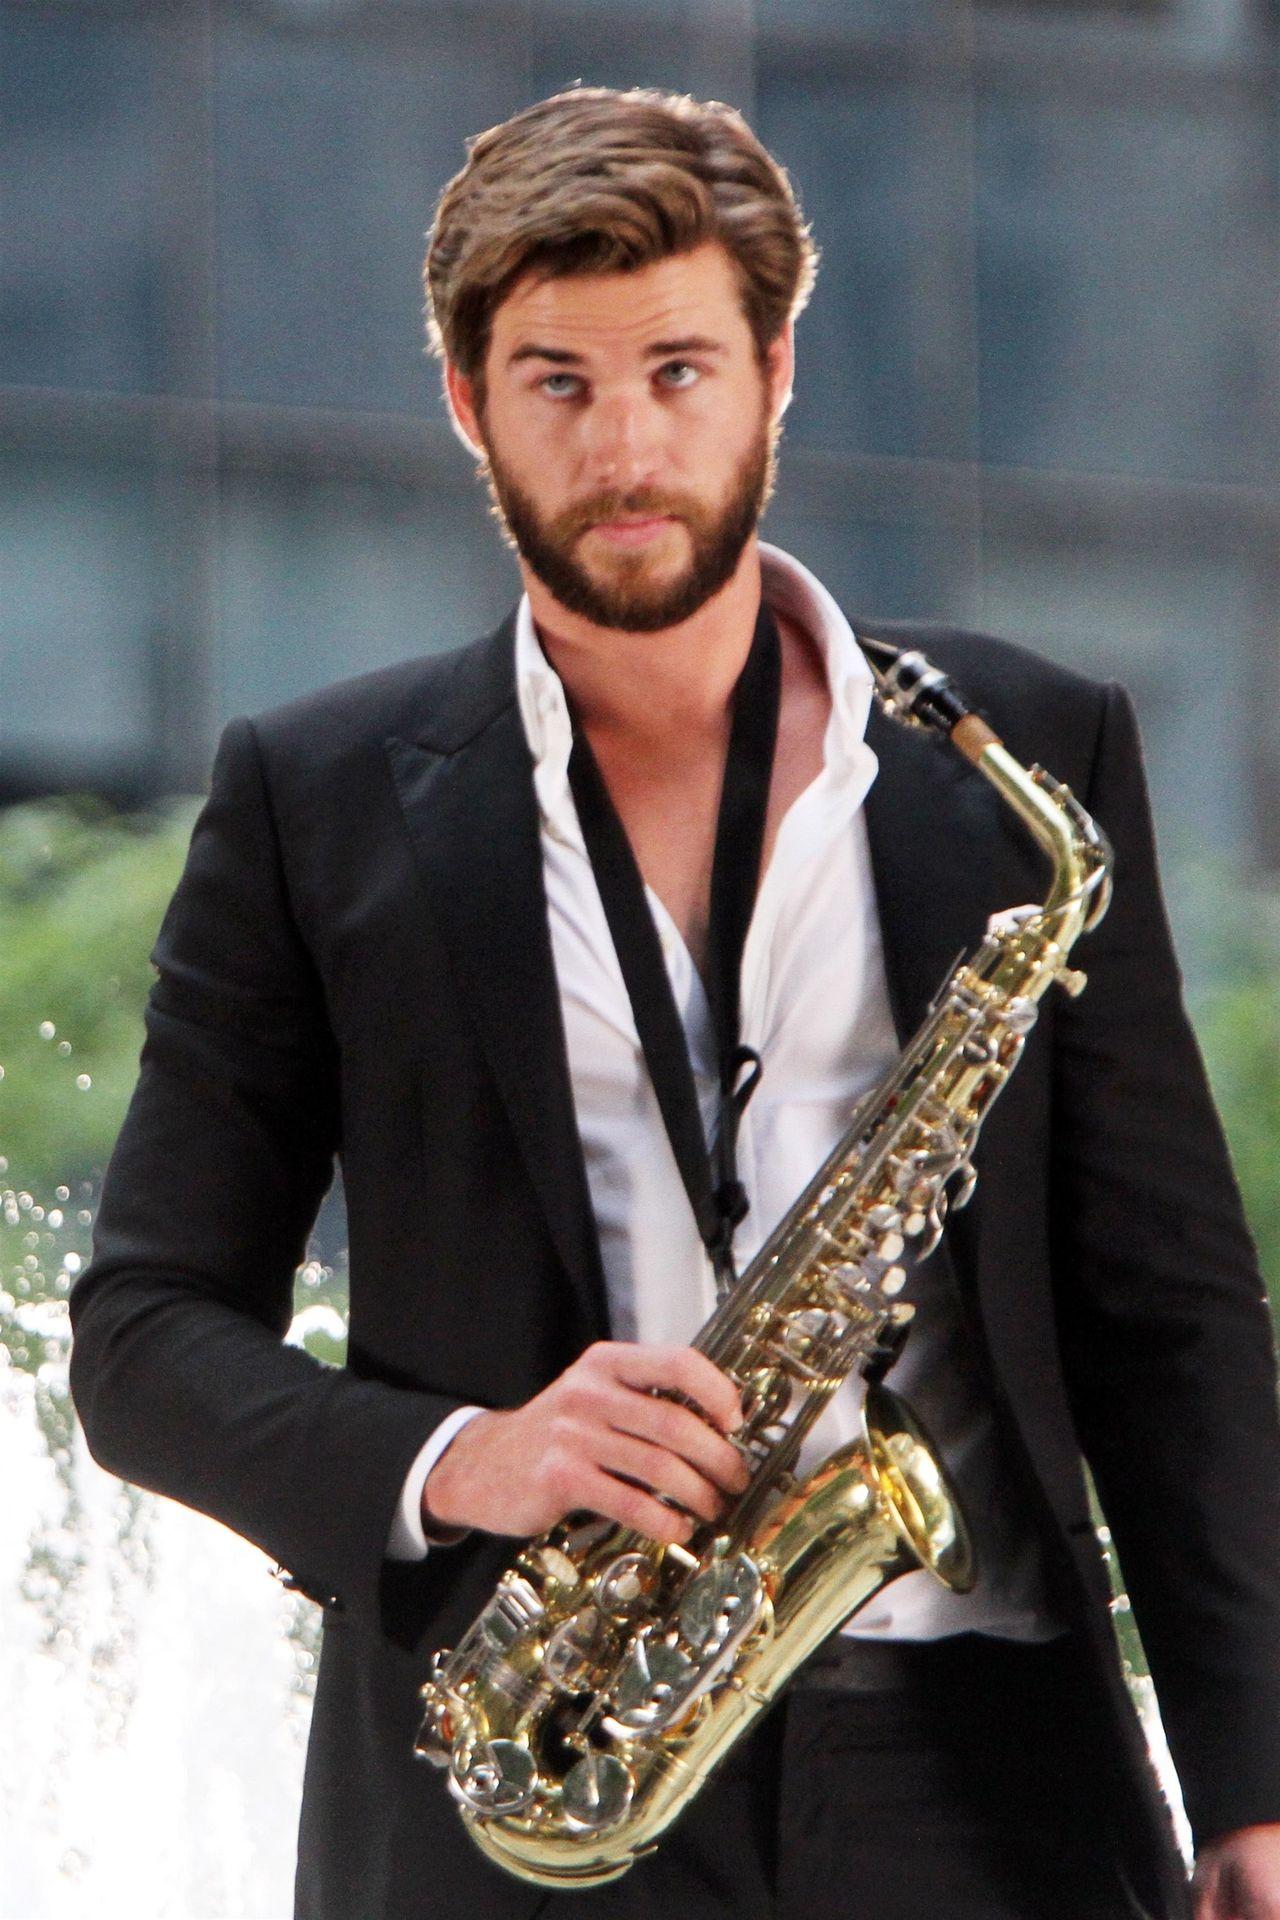 Tak Liam Hemsworth skomentował plotki o zerwaniu zaręczyn z Miley Cyrus